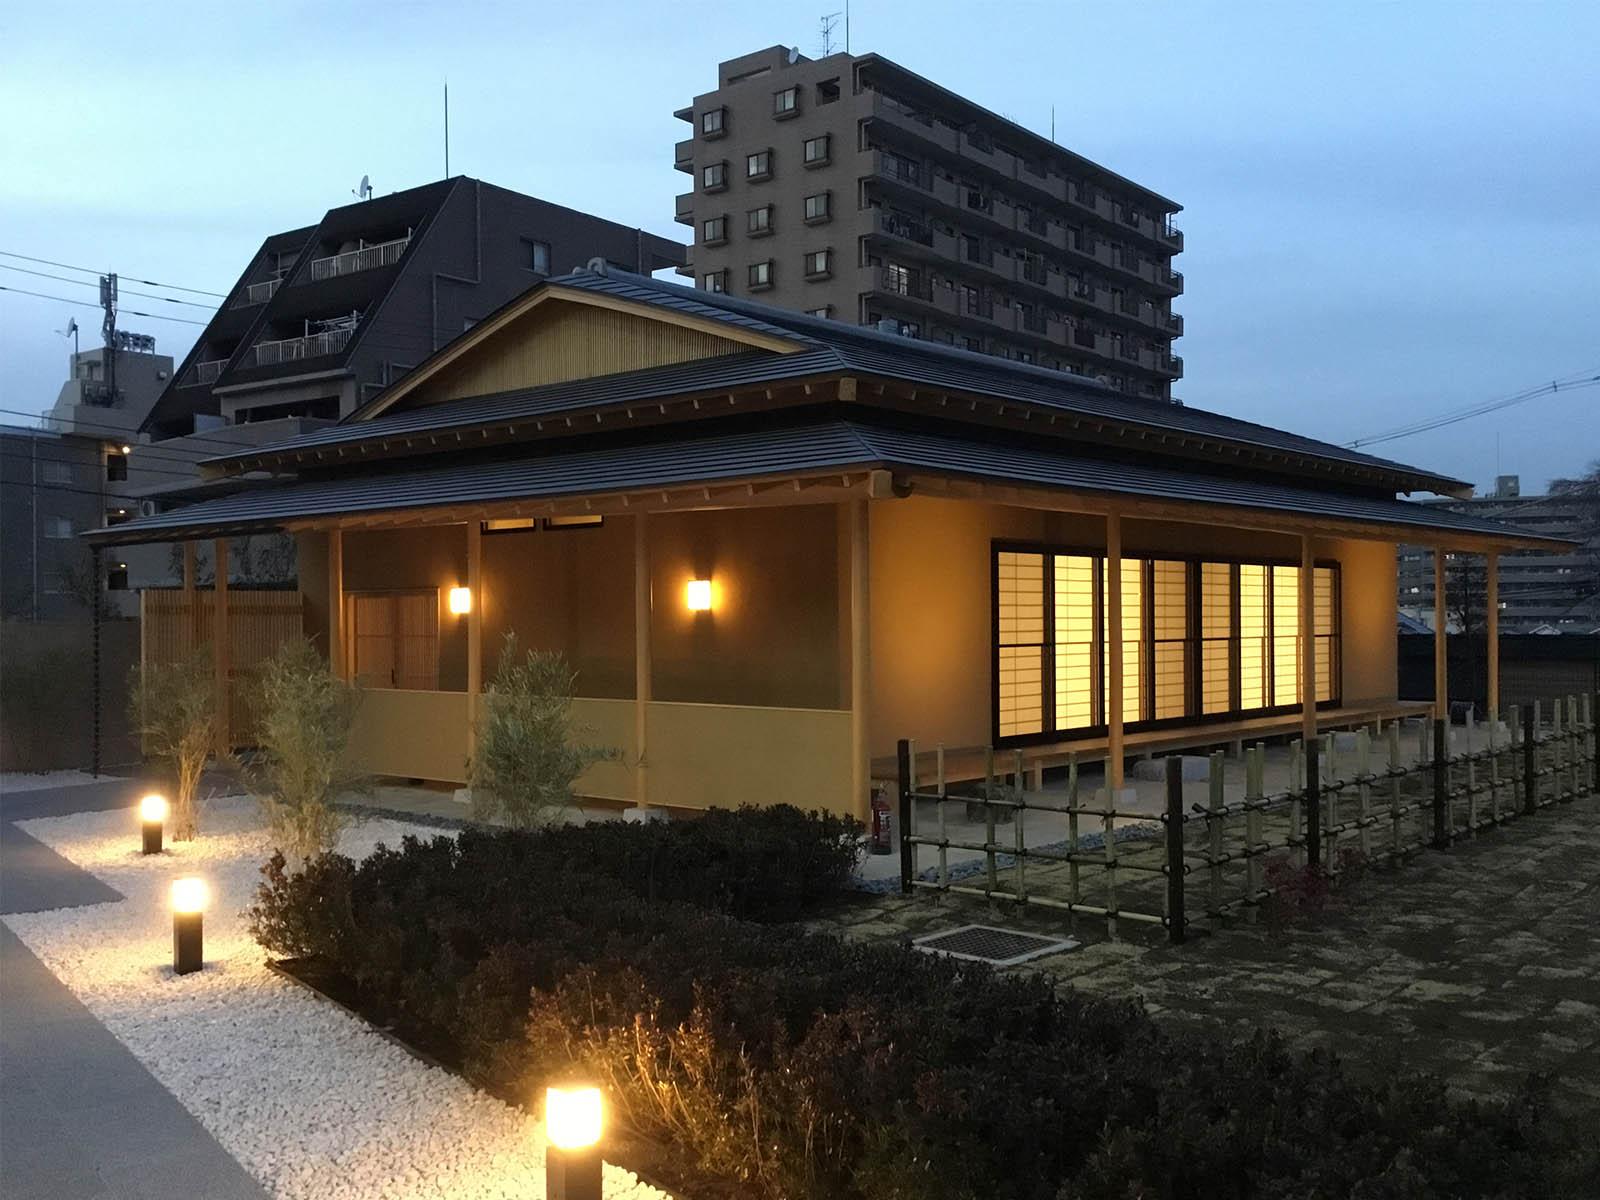 ゴトー養殖研究所本社ビル「さくら坂ビル」と茶室「芳庵」